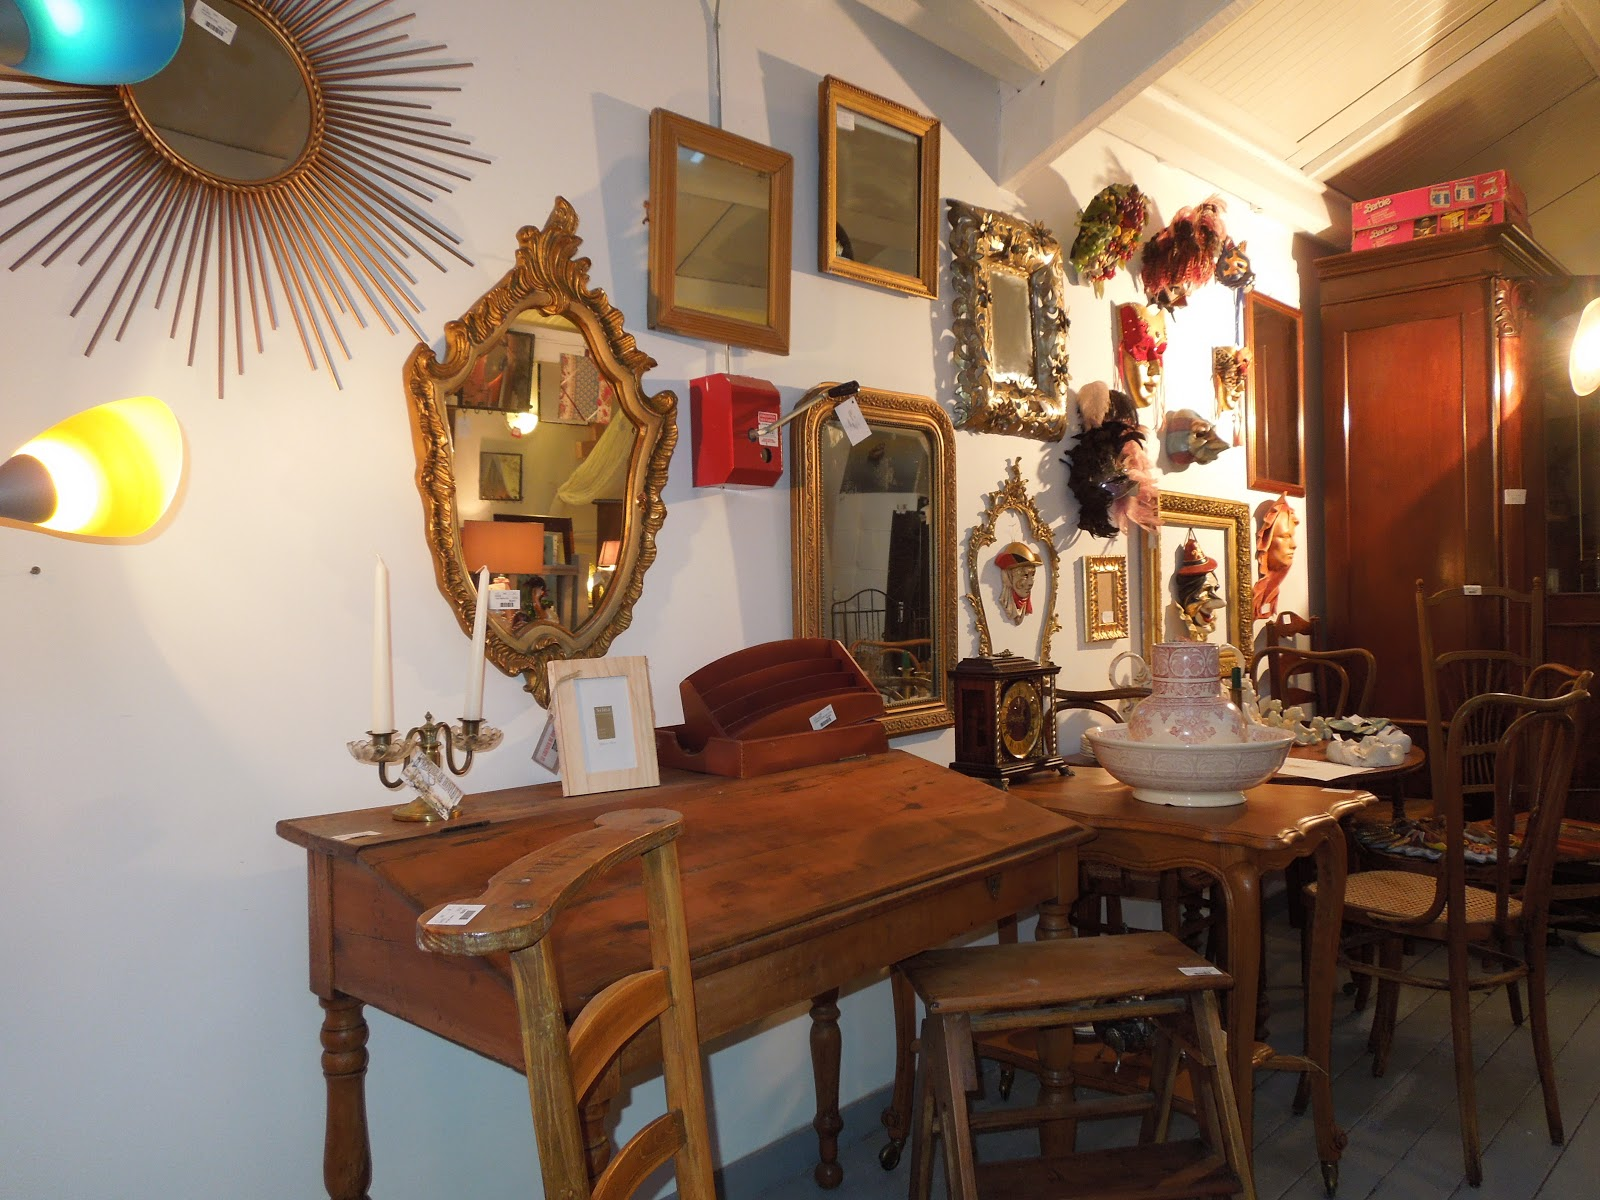 d p t vente honfleur le grenier de honfleur visite l 39 tage du grenier de honfleur. Black Bedroom Furniture Sets. Home Design Ideas